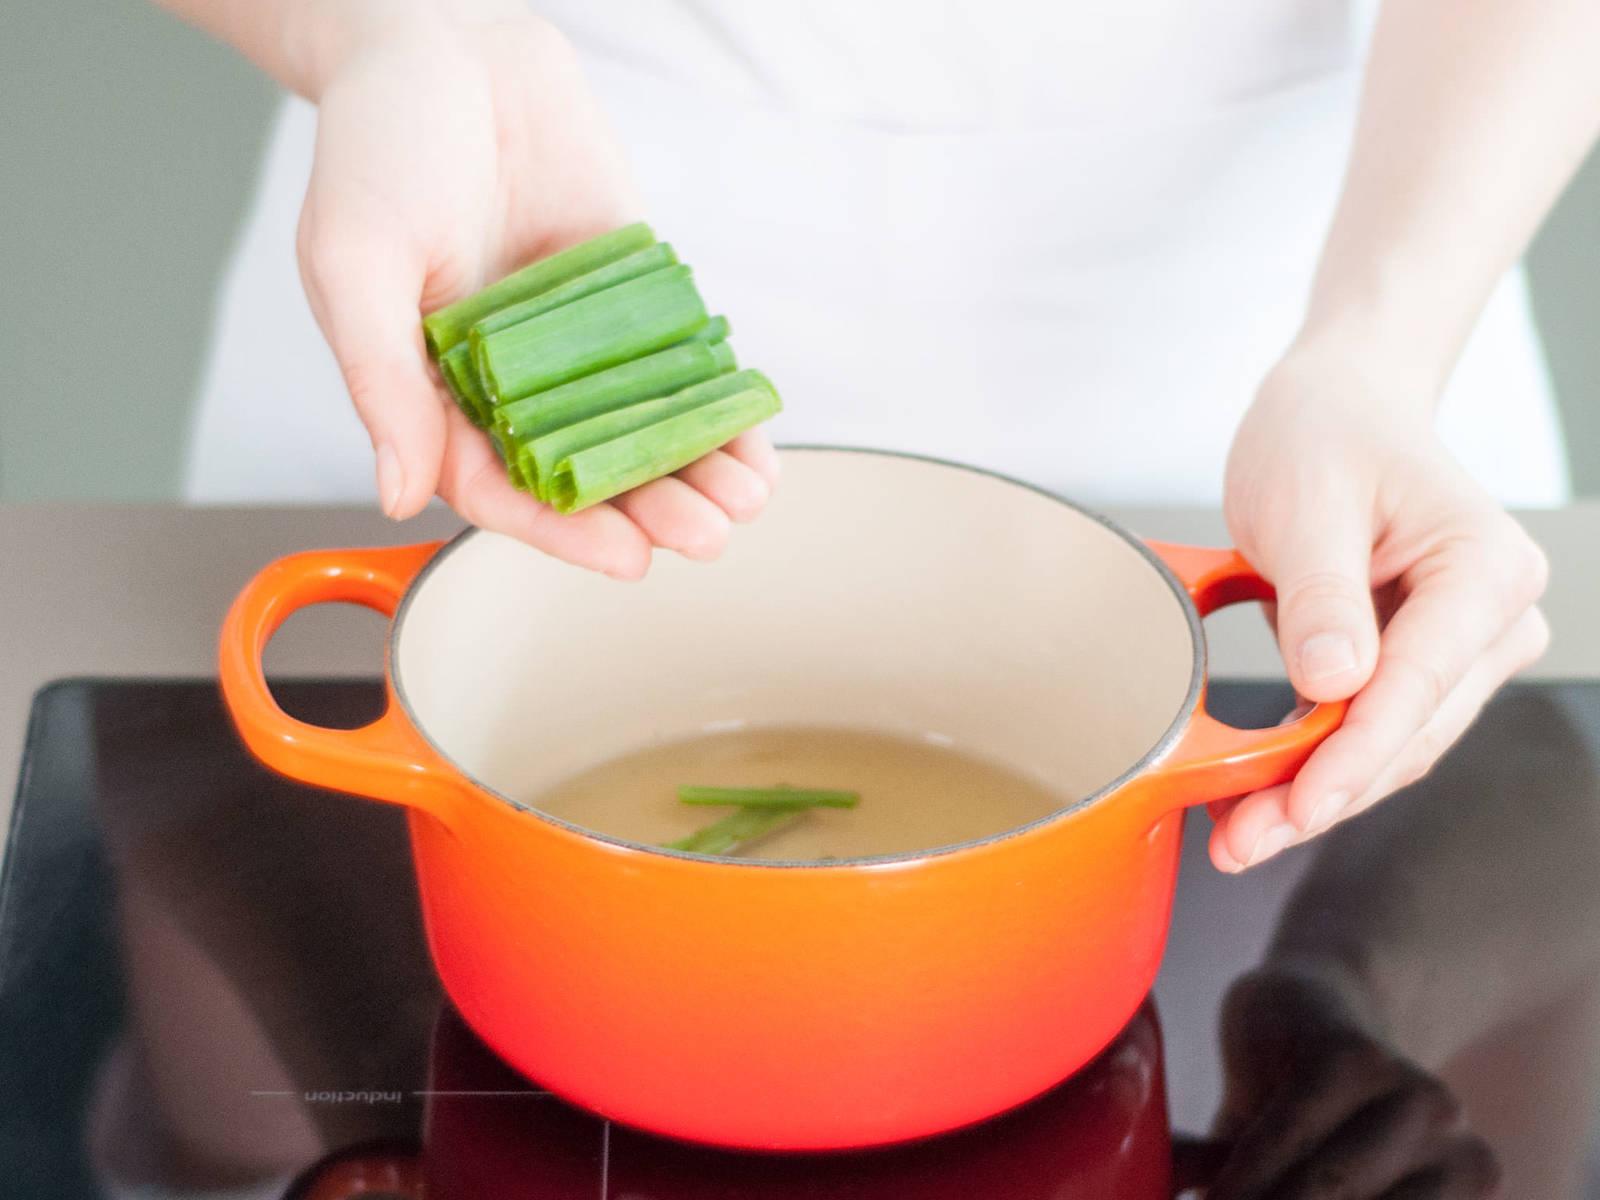 在小汤锅中倒入足以覆盖洋葱丝和葱末的植物油,中火煸炒大约10分钟至金棕色。离火,放在一边。